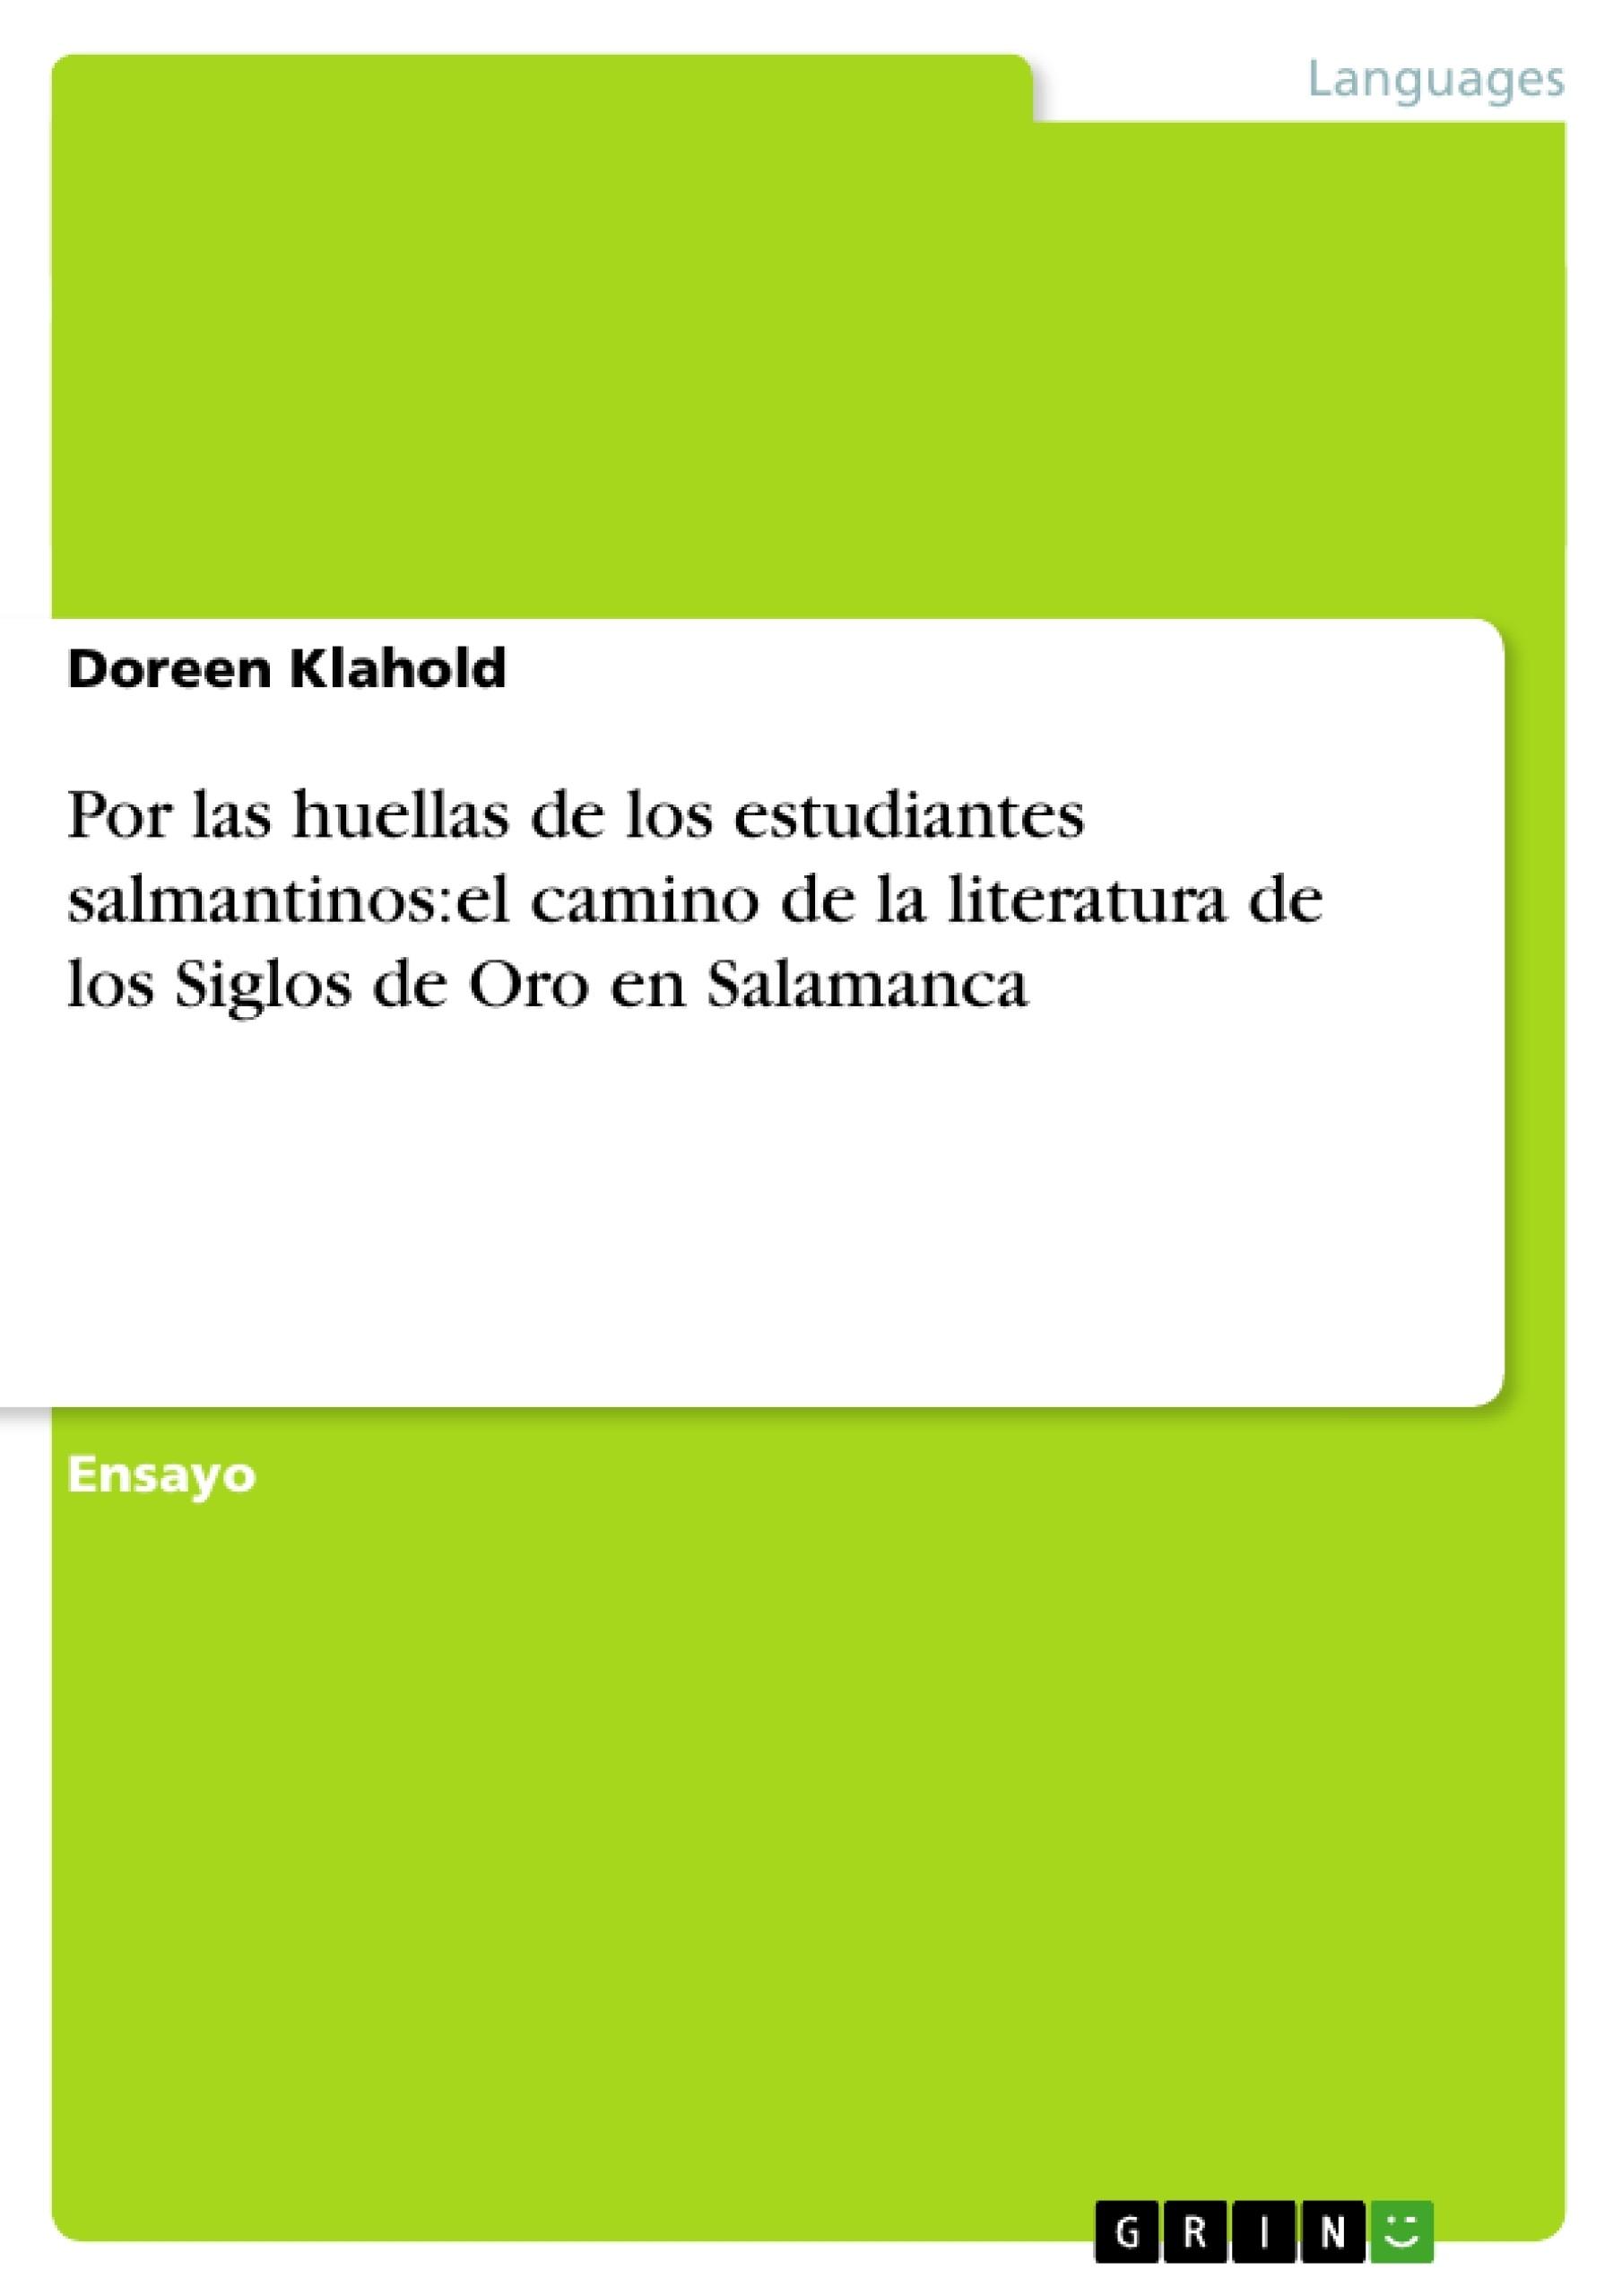 Título: Por las huellas de los estudiantes salmantinos:el camino de la literatura  de los Siglos de Oro en Salamanca